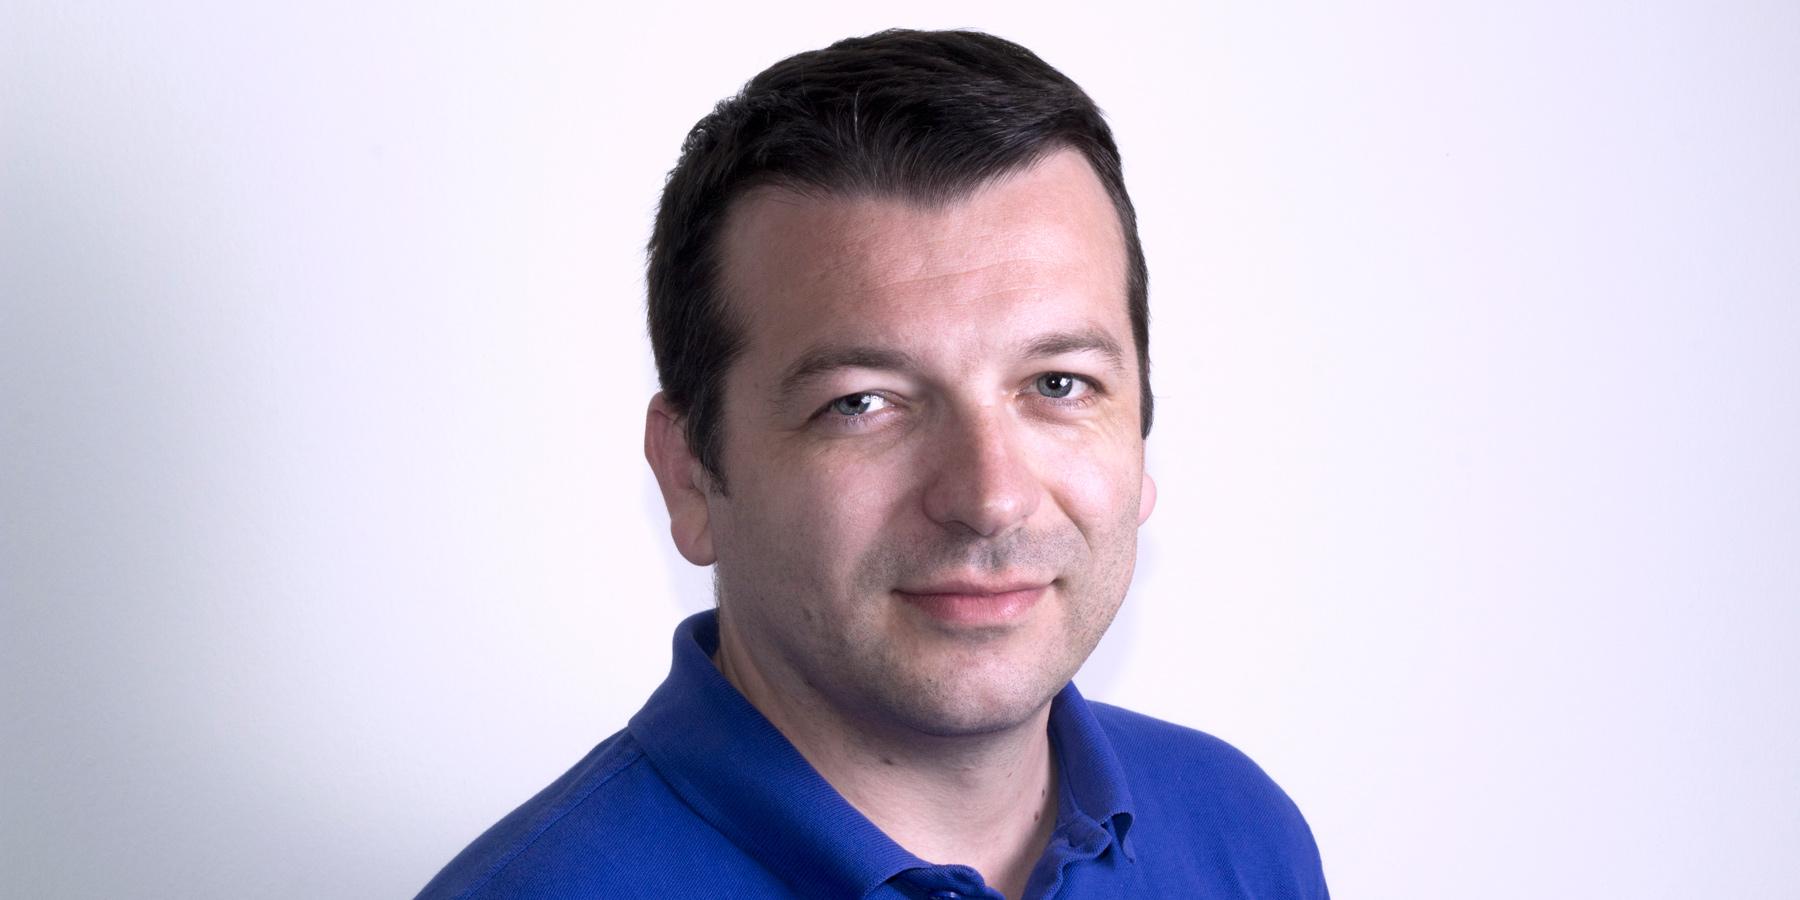 Djordje Mijatović